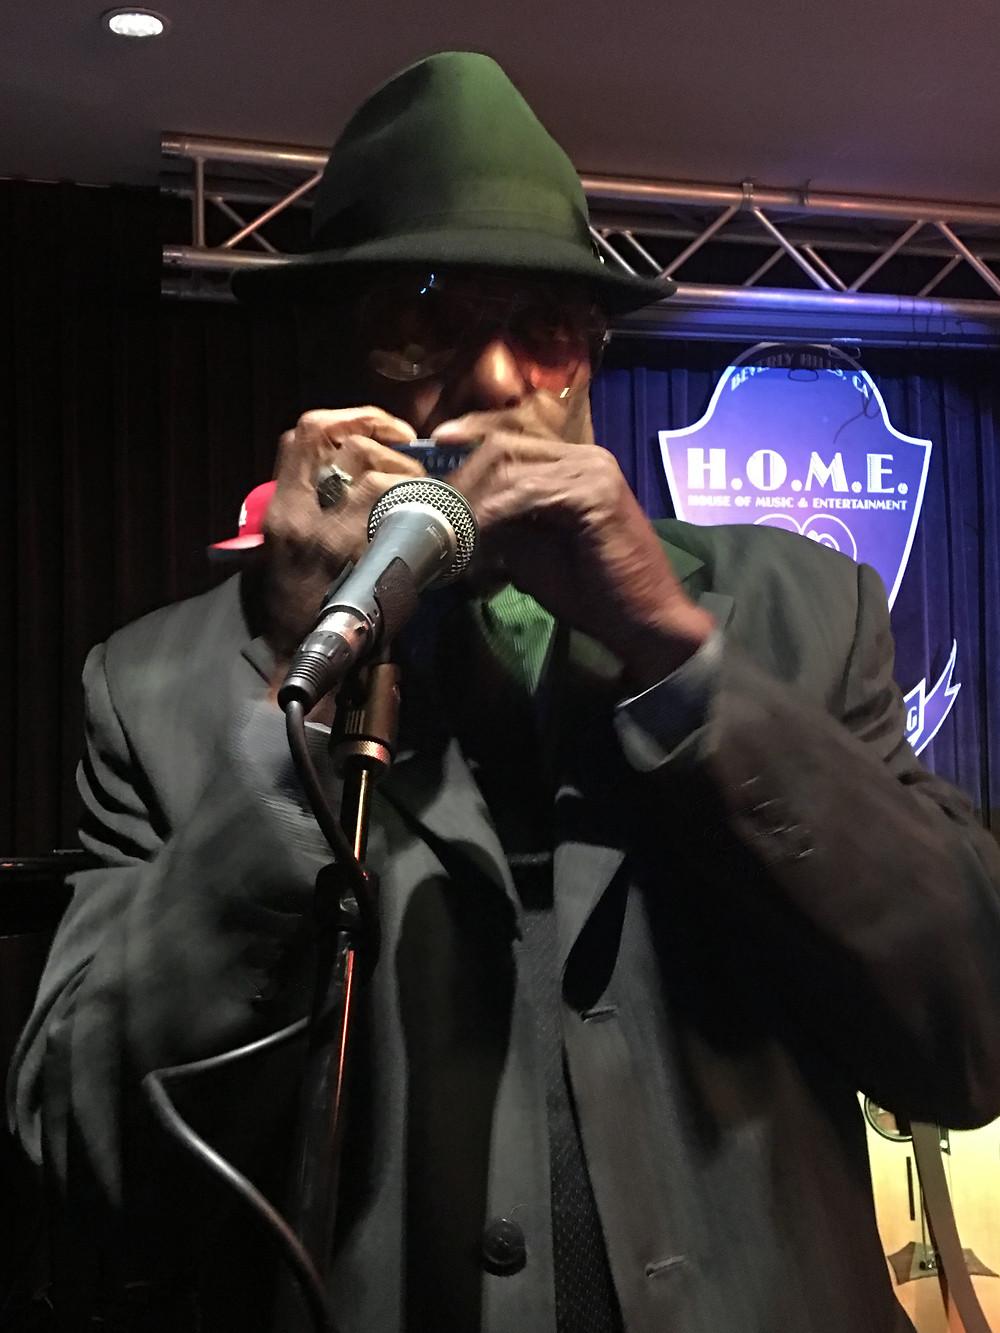 Harmonica Otis